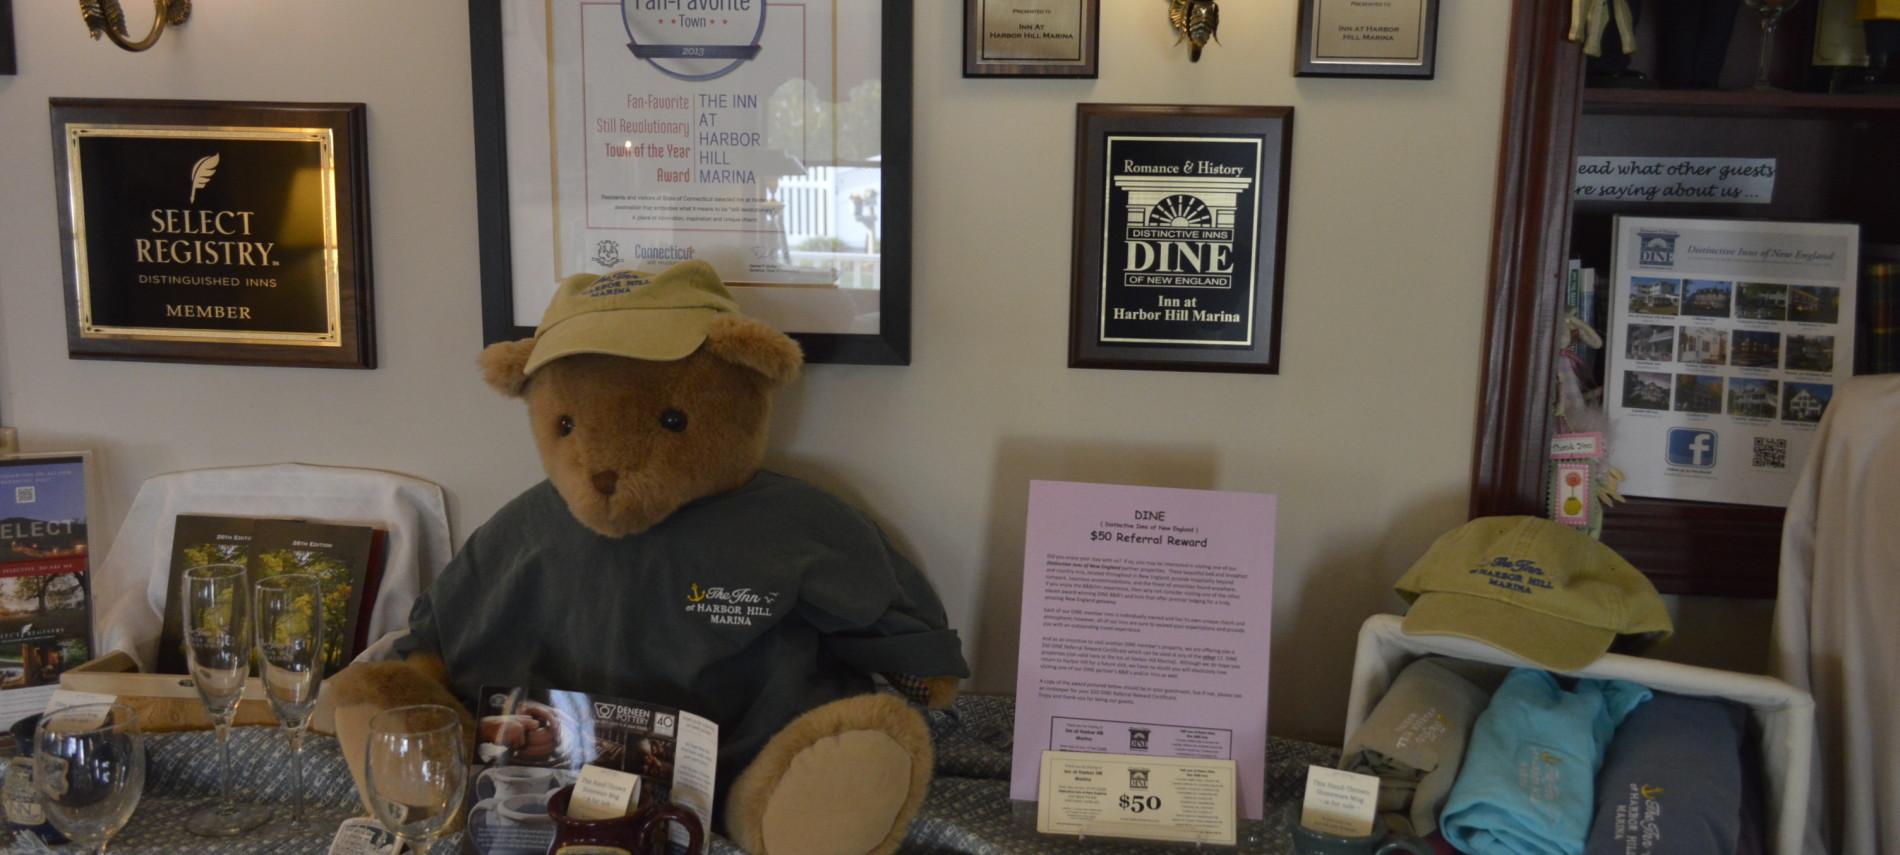 DINE dollars display at Inn at Harbor Hill Marina